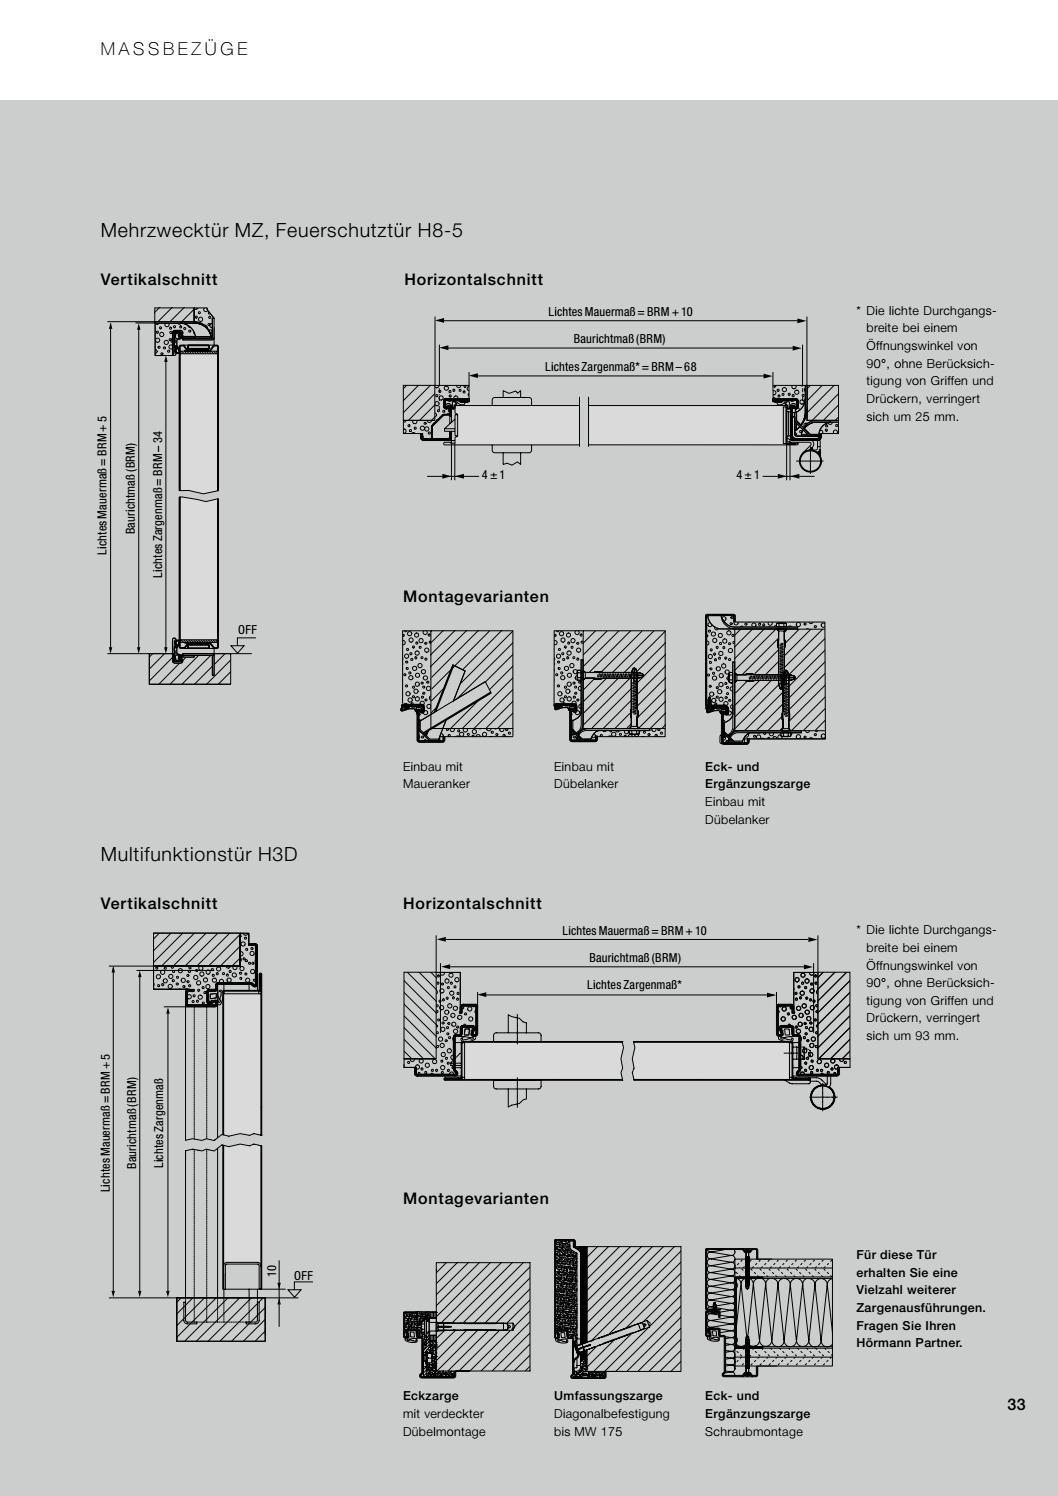 hrmann einbau cheap bild vergrern with hrmann einbau. Black Bedroom Furniture Sets. Home Design Ideas